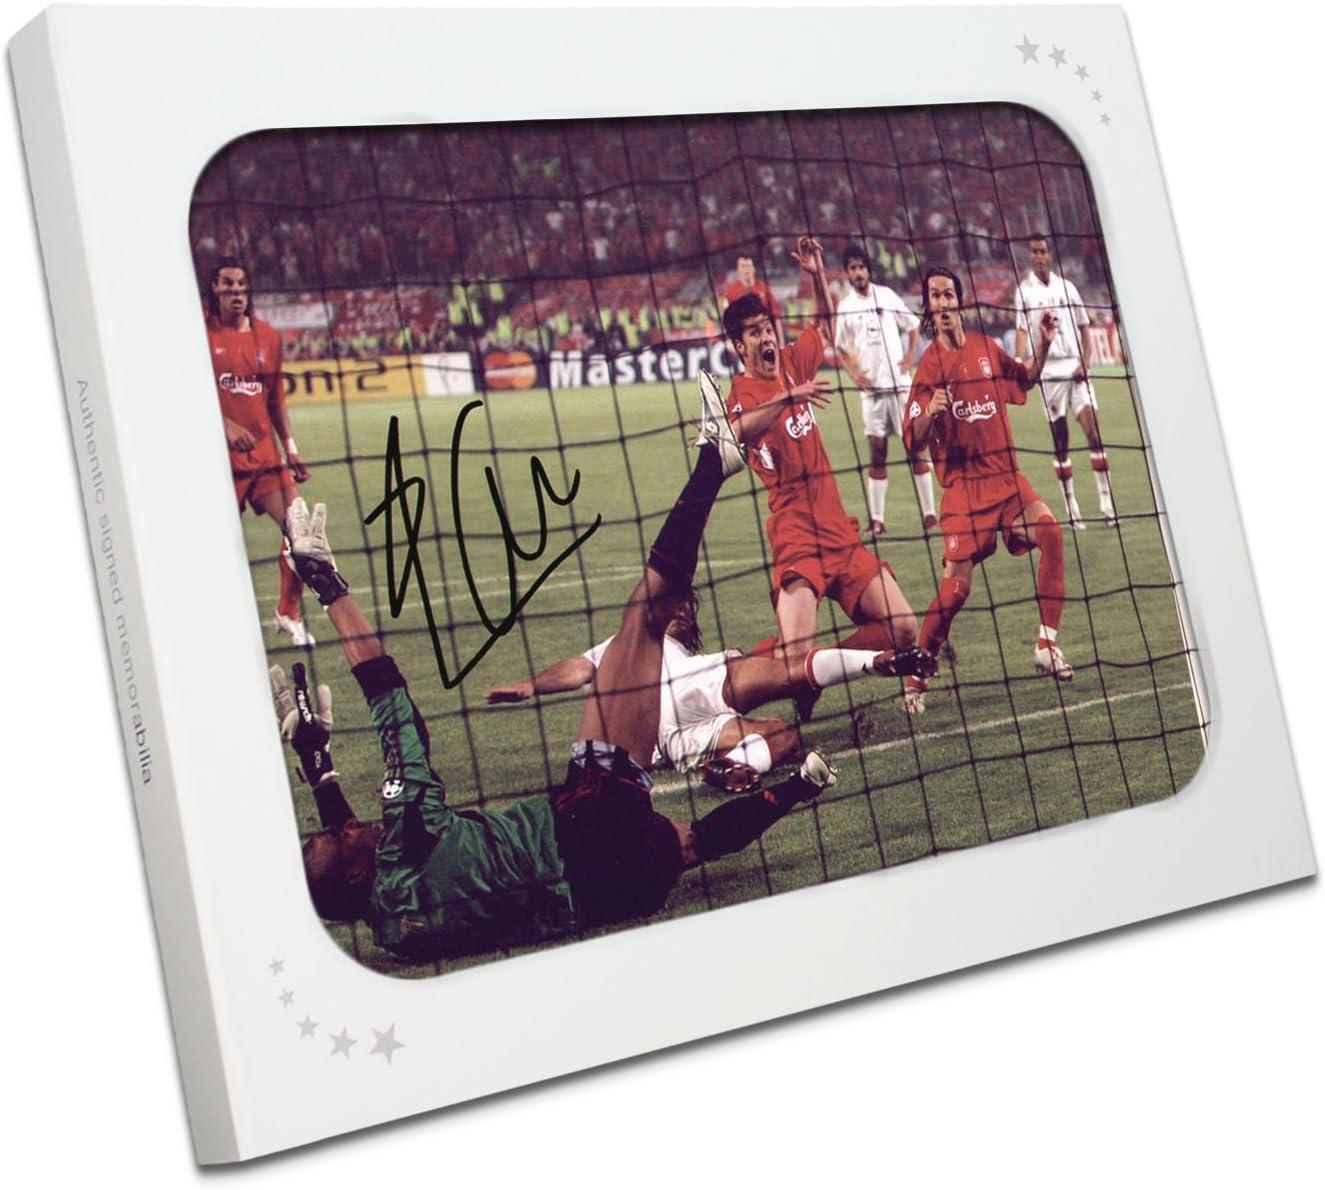 Milagro de Estambul Liverpool foto firmada por Xabi Alonso. En la caja de regalo: Amazon.es: Deportes y aire libre